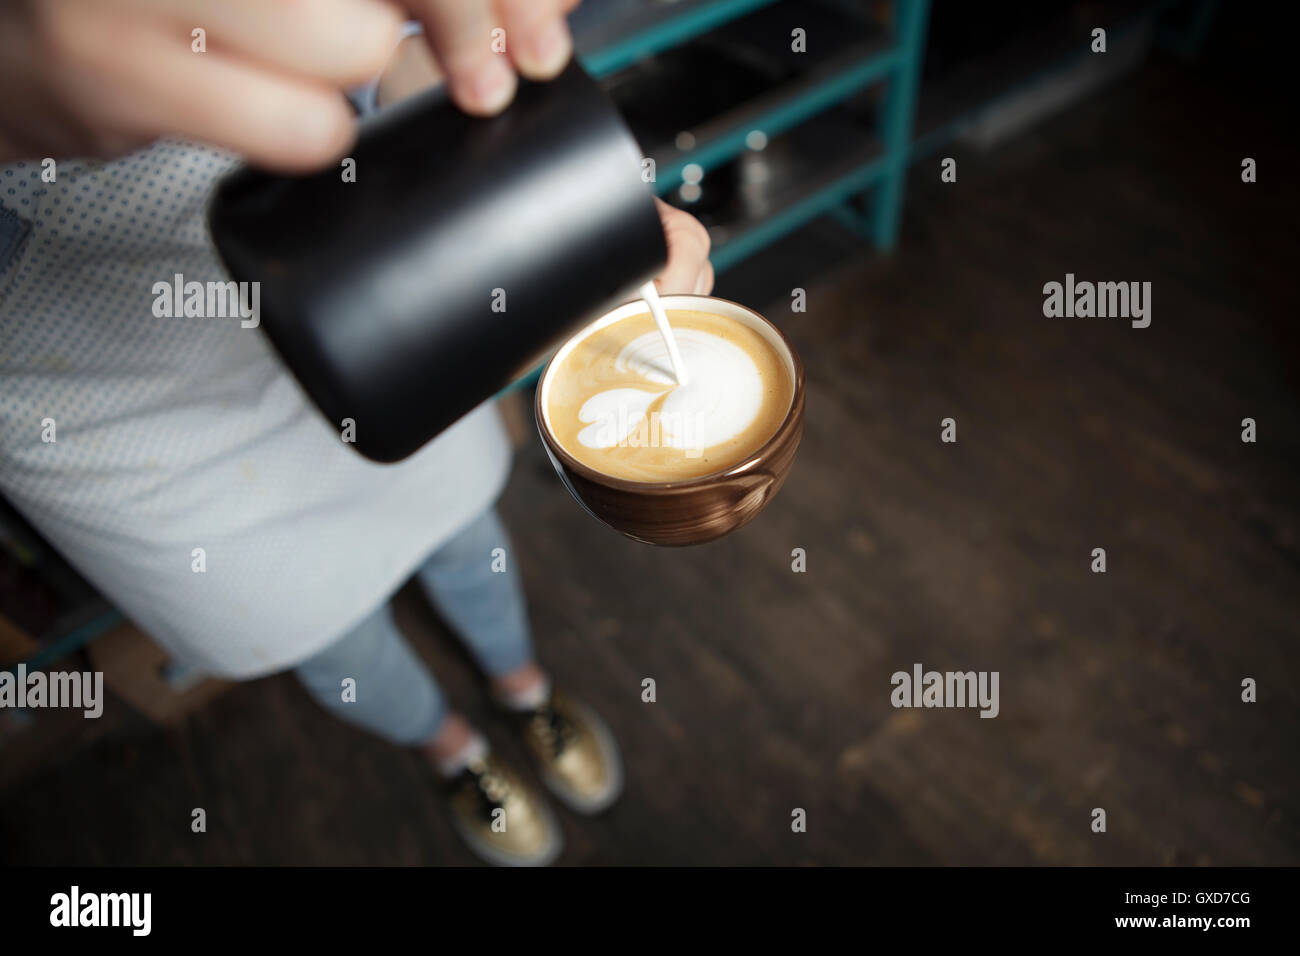 Wie erstelle ich Latte Art Barista Focus in Milch und Kaffee Stockbild